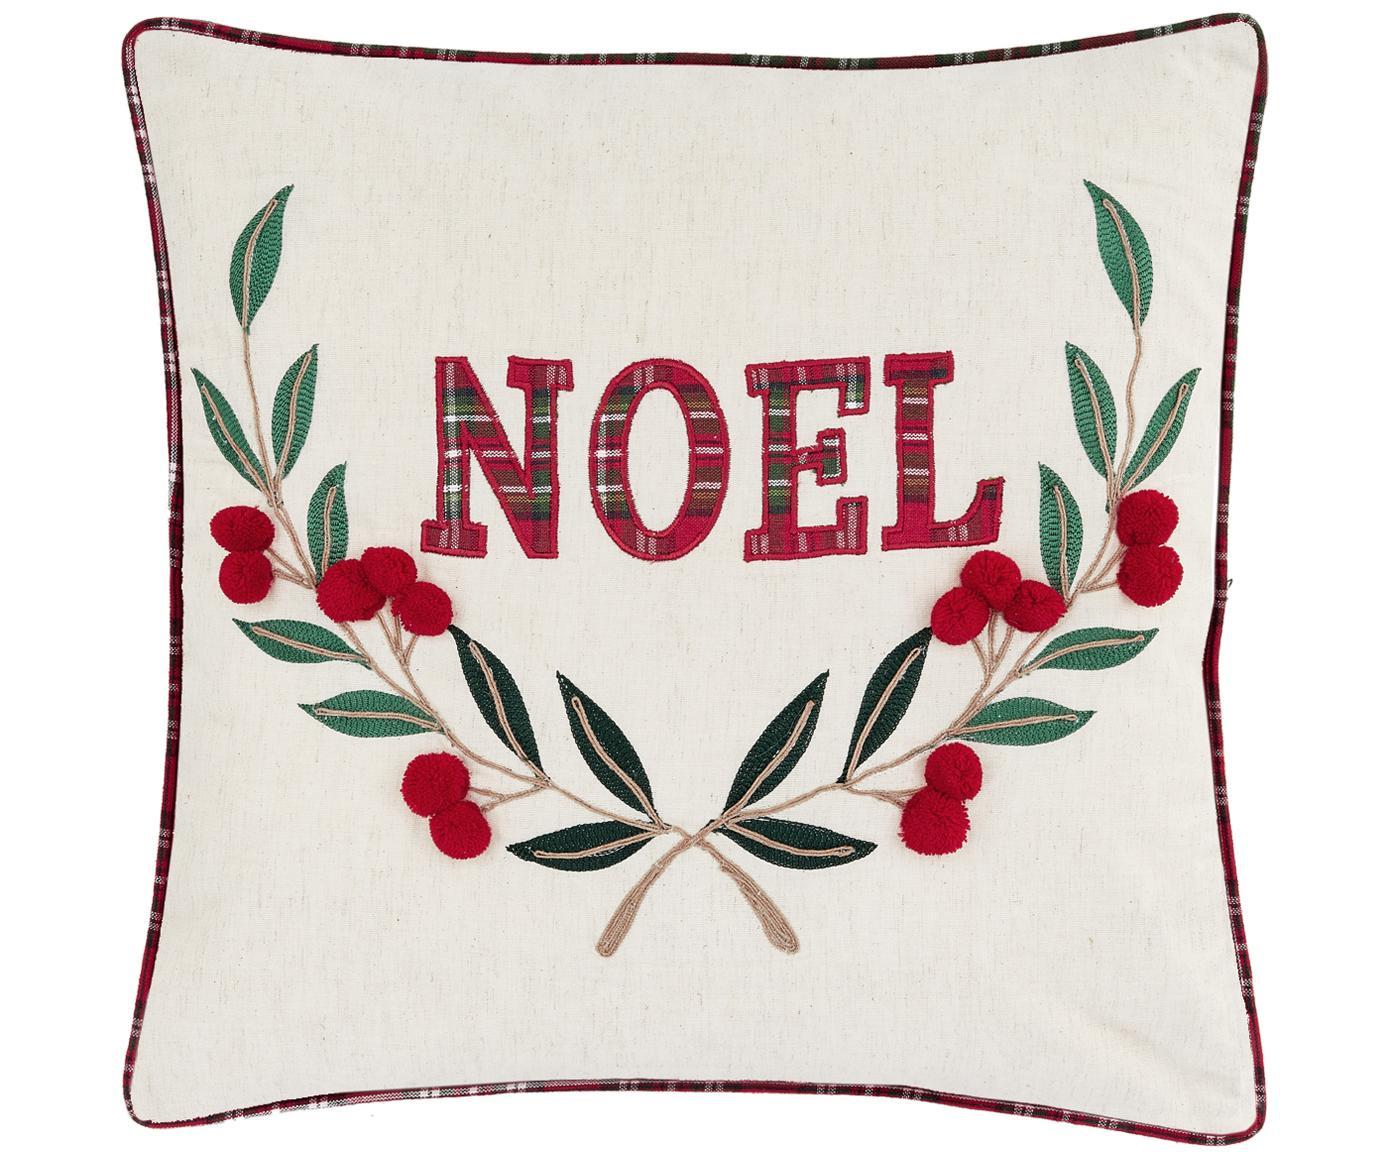 Kussenhoes Noel, 100% katoen, Voorzijde: crèmekleurig, rood, groenAchterzijde: rood, 45 x 45 cm